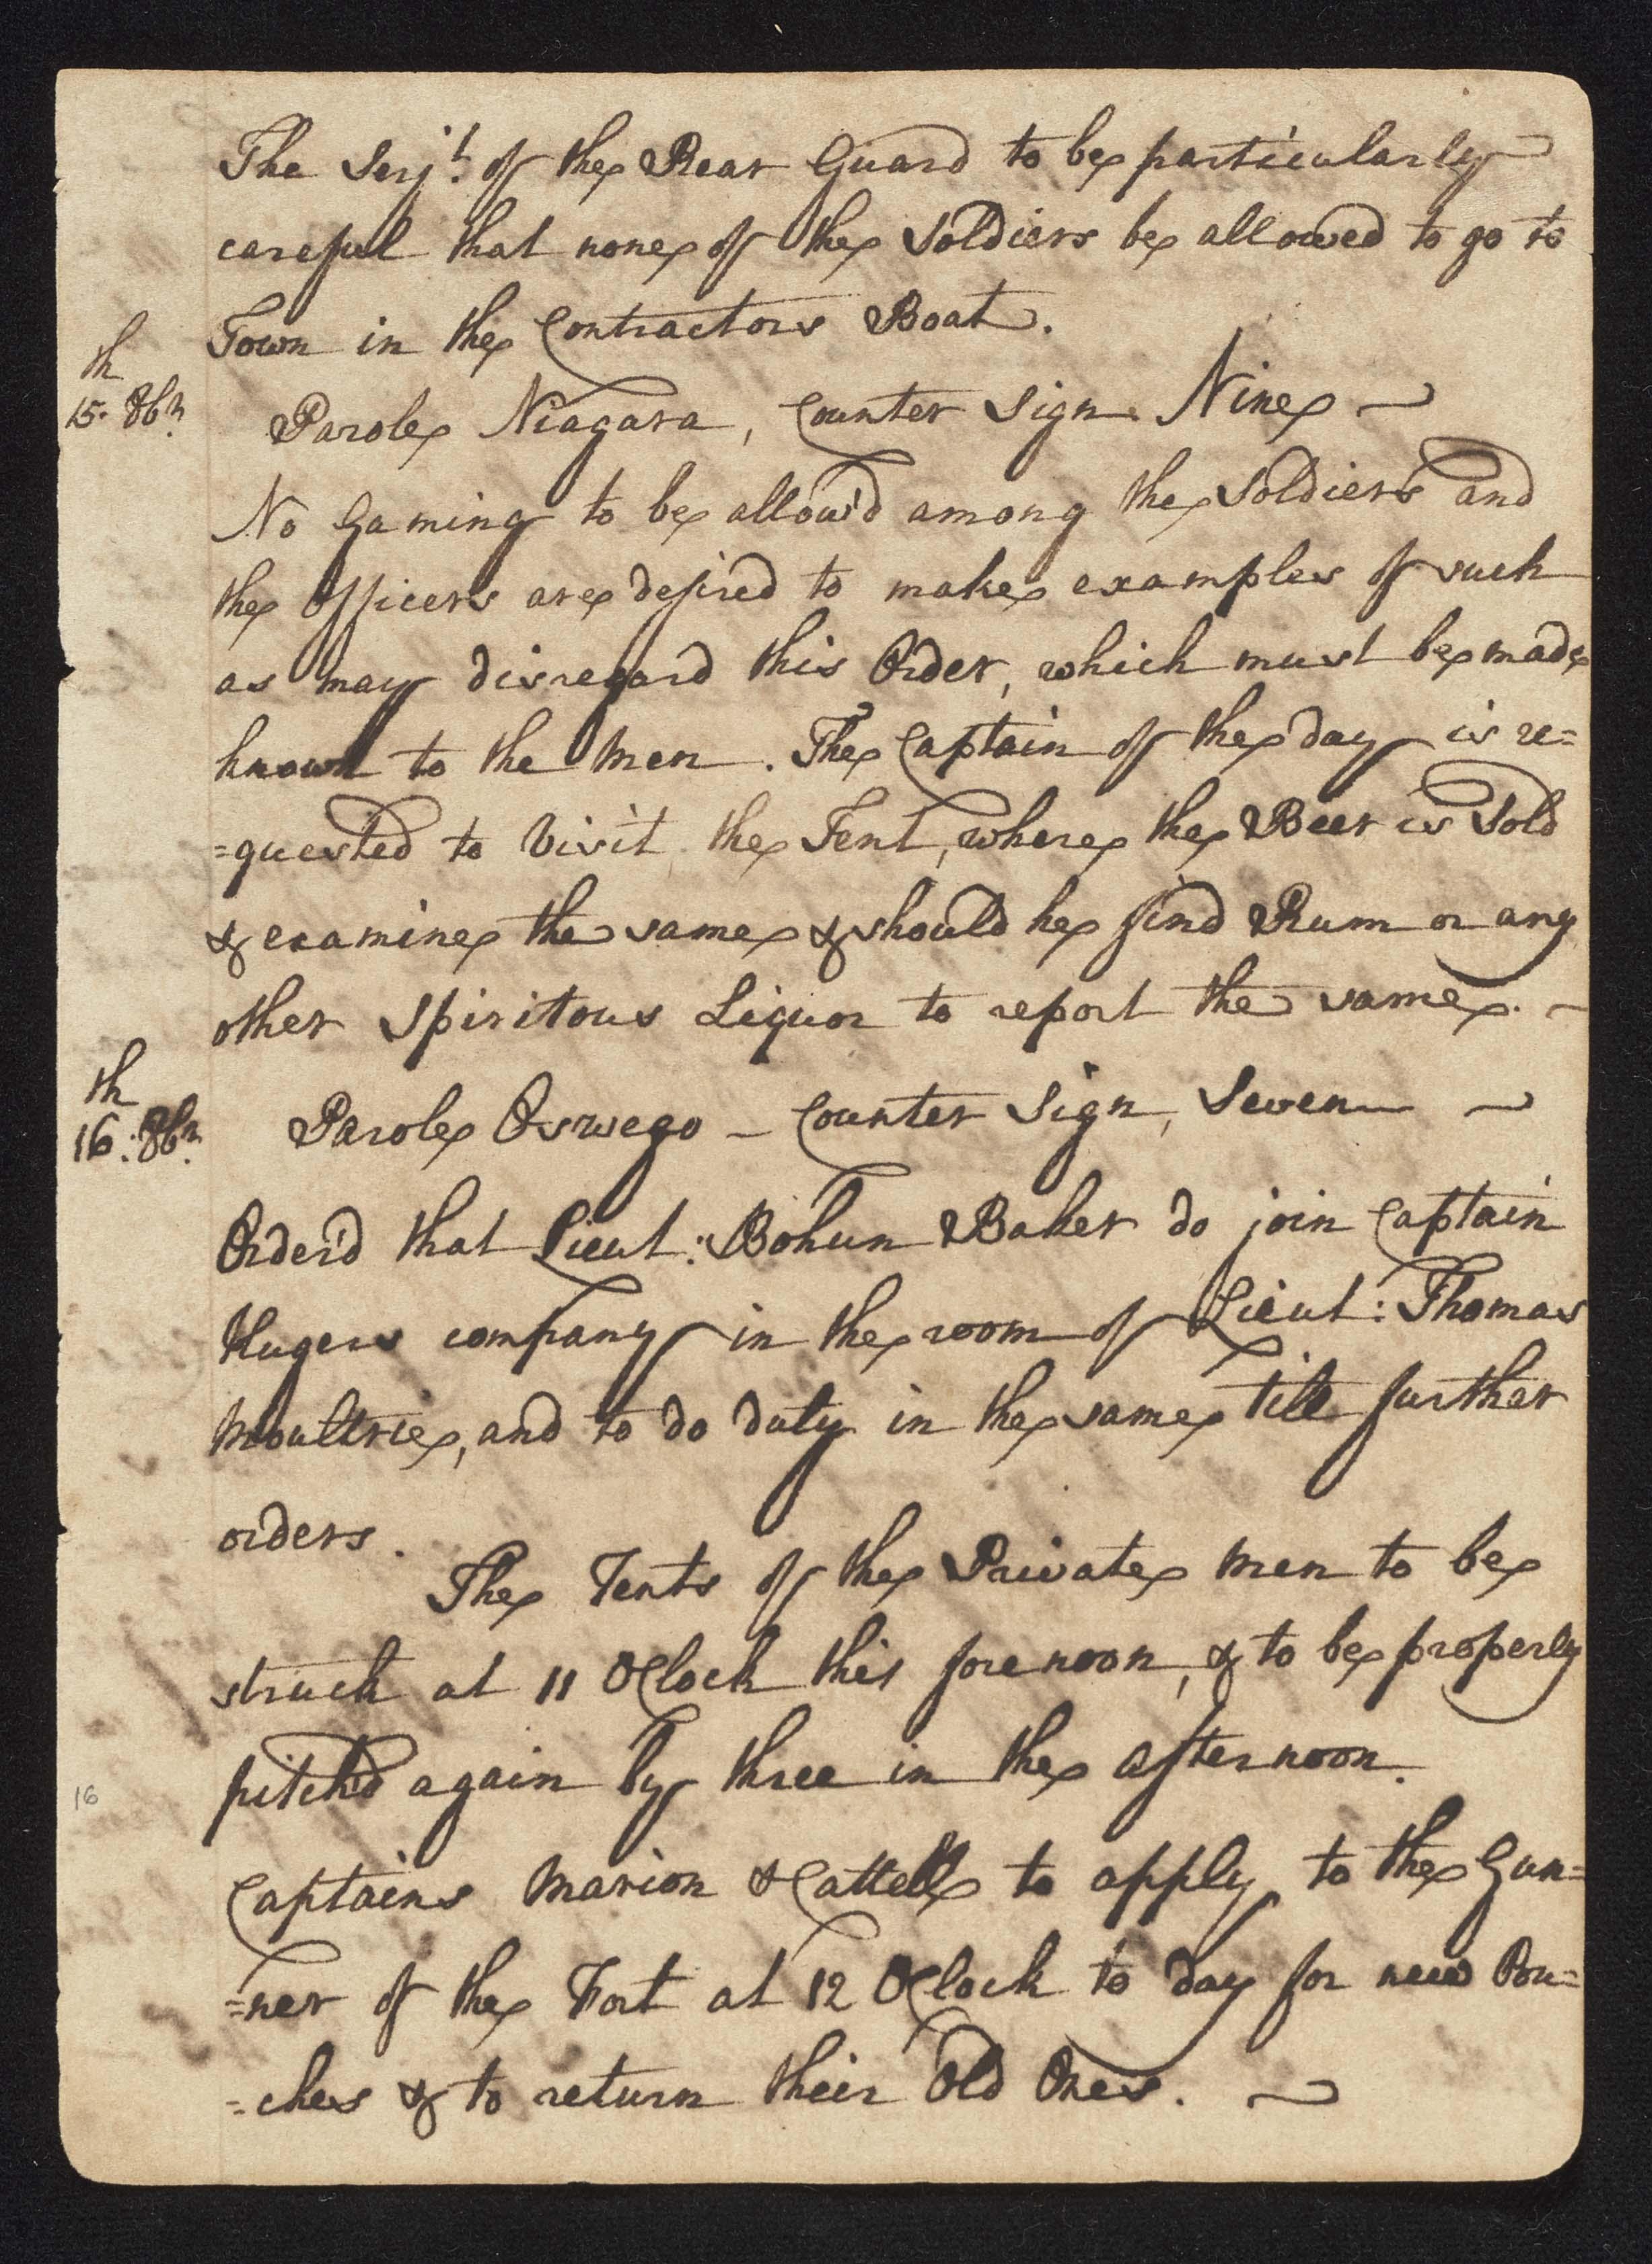 South Carolina Regiment Order Book, Page 31